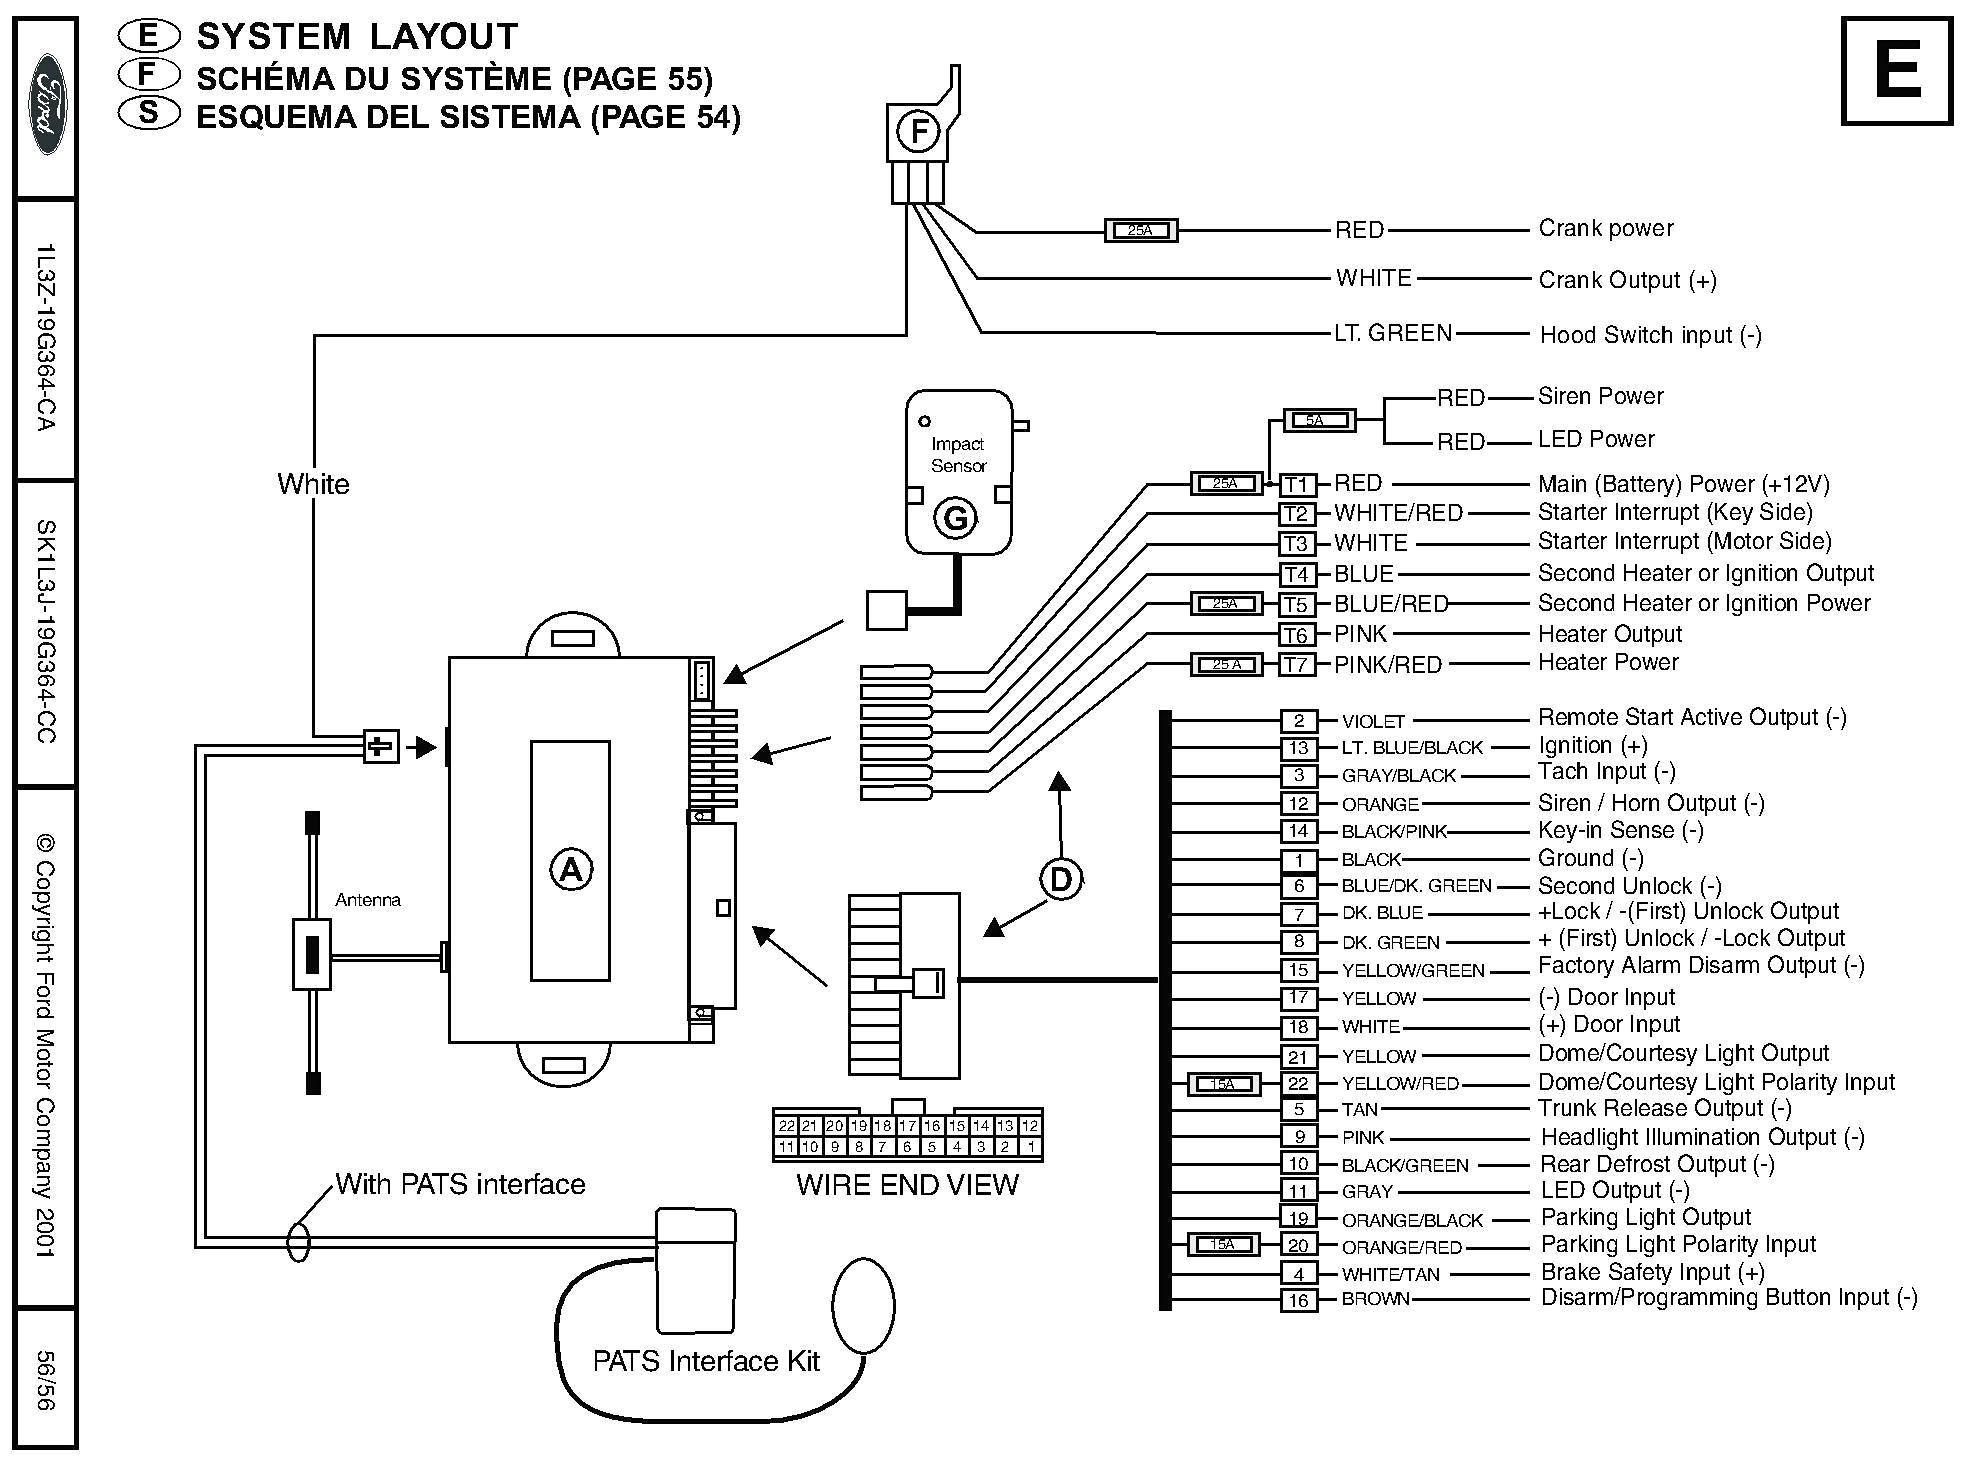 rhino car alarm wiring diagram - wiring diagram onan genset for wiring  diagram schematics  wiring diagram schematics